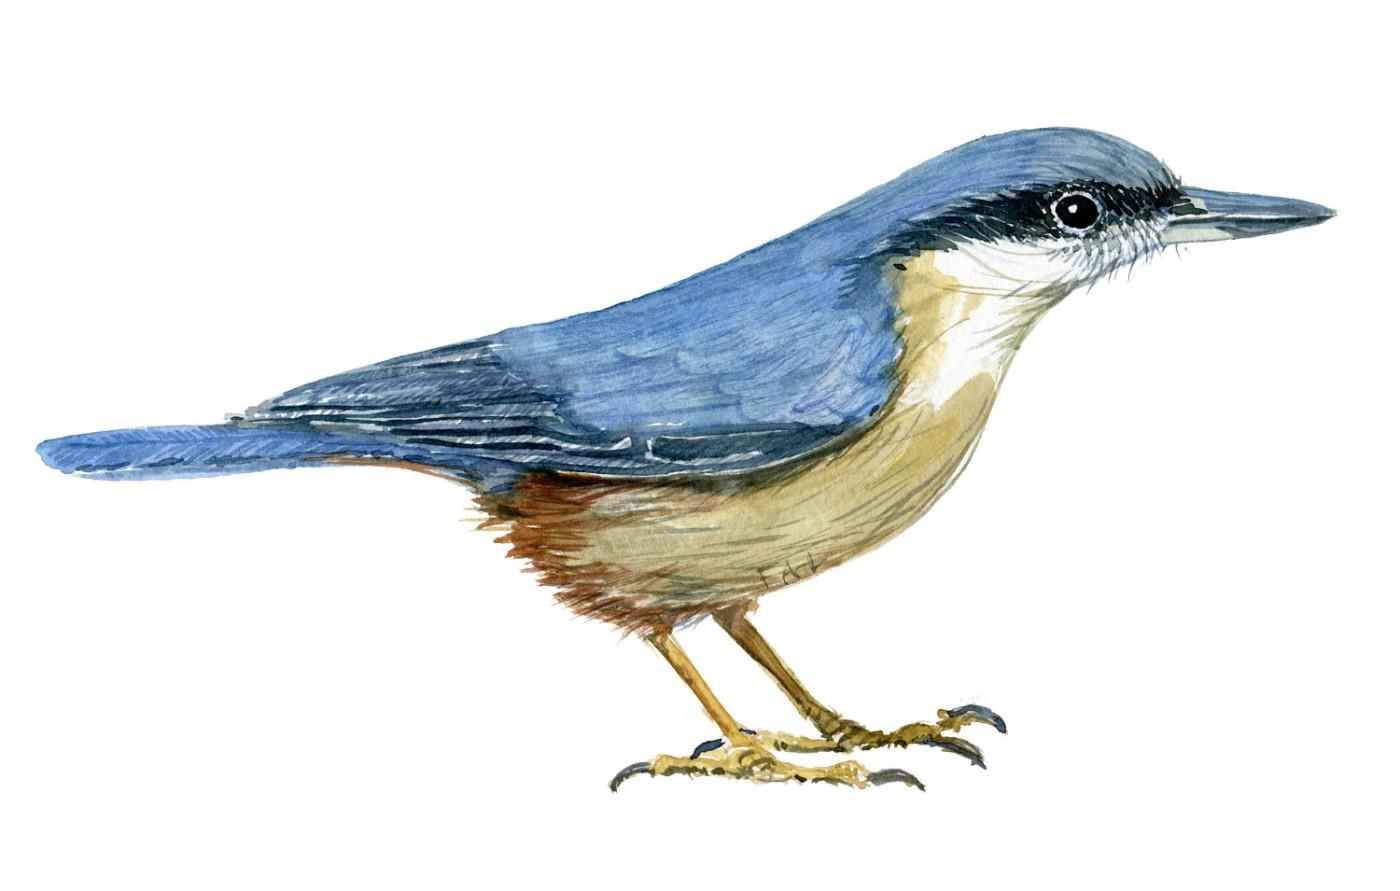 Spætmejse fugle illustration. Akvarel af Frits Ahlefeldt. Biodiversitet i Danmark